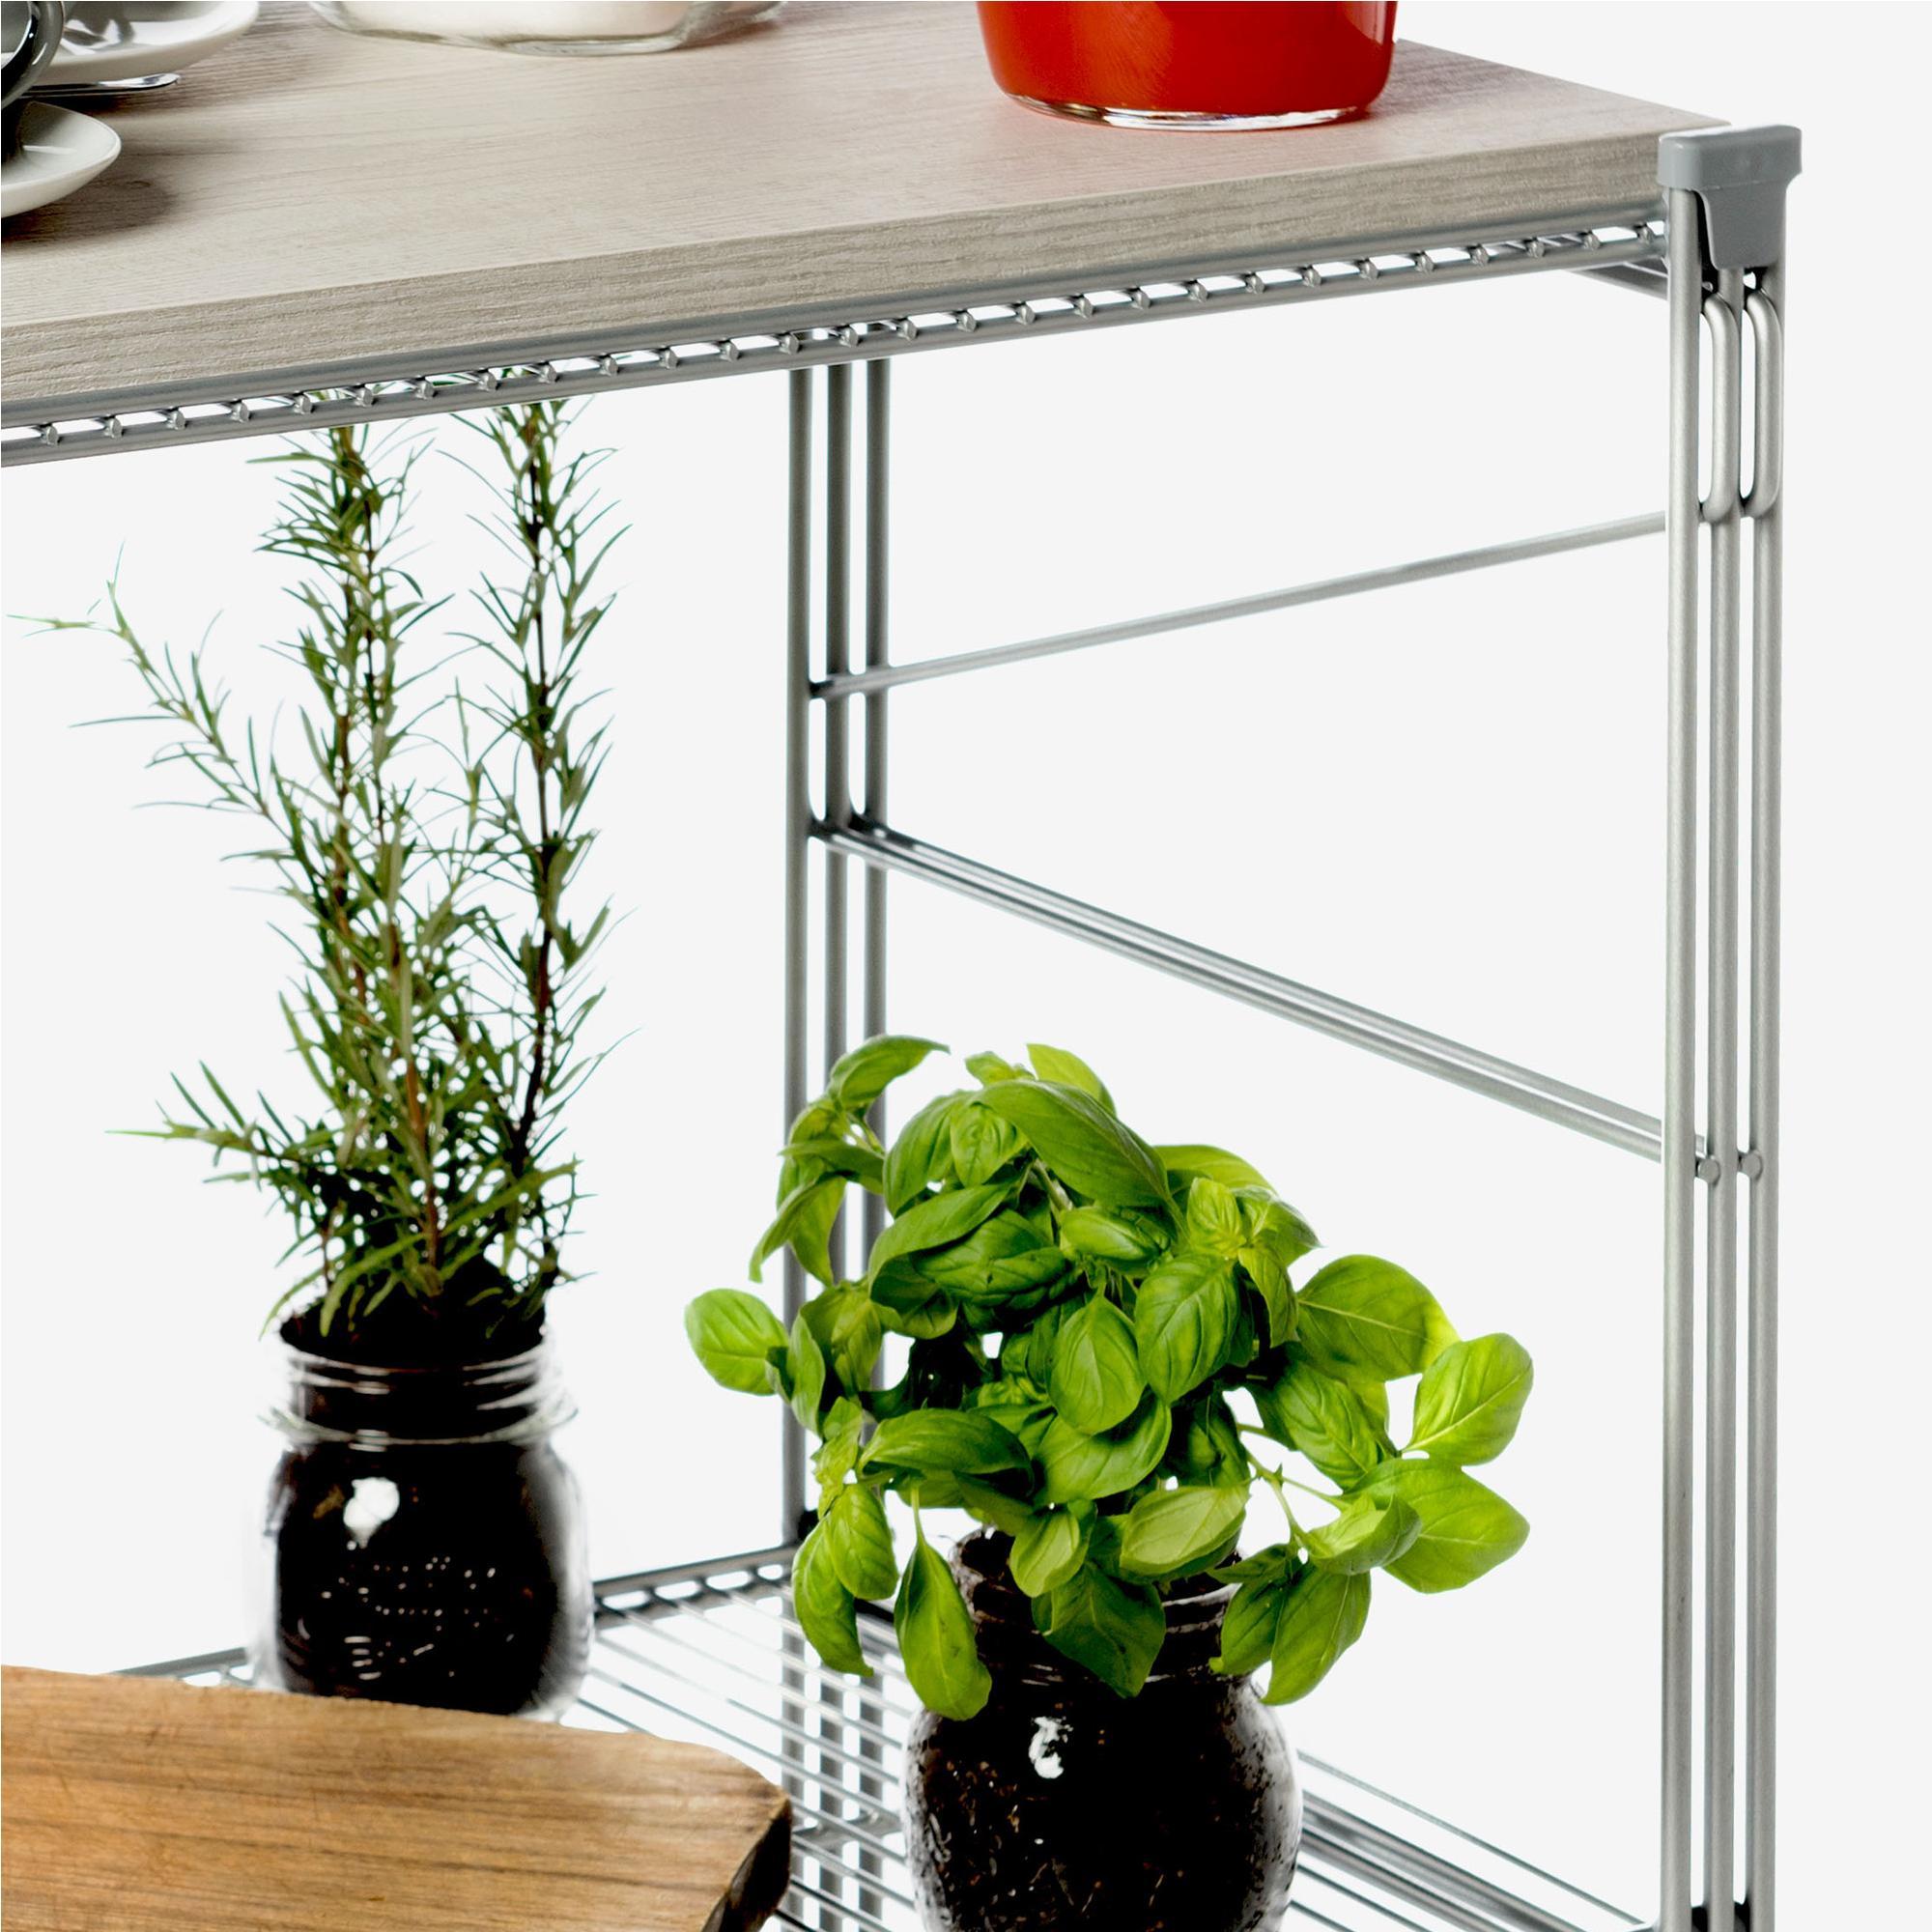 Carrello da cucina portavivande 32x50xh78 cm verniciato for Carrello portalegna da arredamento